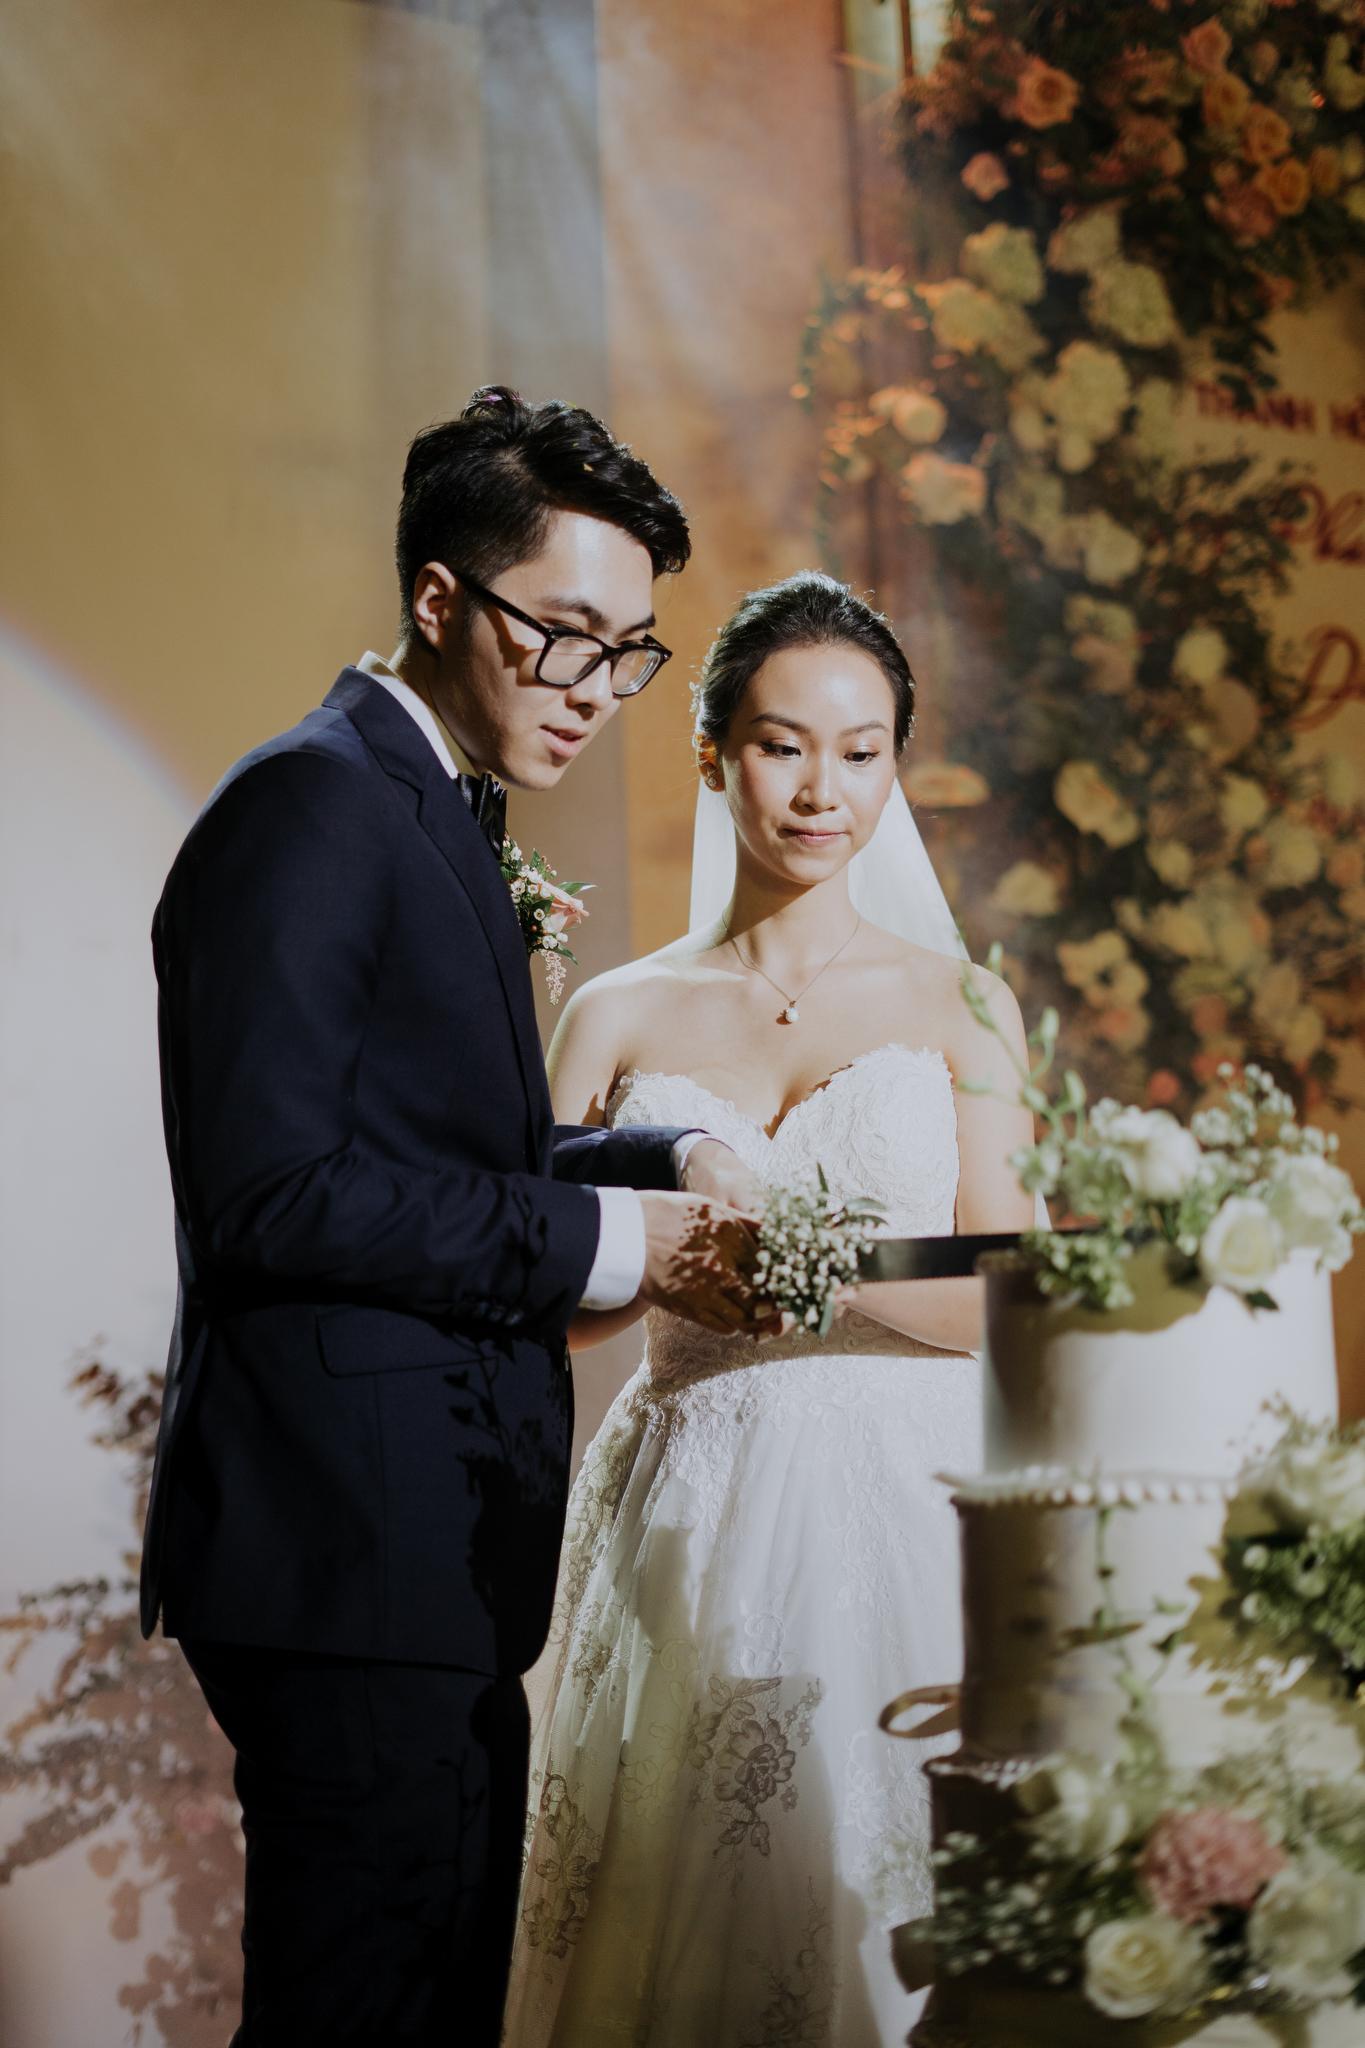 https://huk.s3.amazonaws.com/uploads/image/source/1449/Phuong-Diep-HN-Ceremony-2-0192.JPG